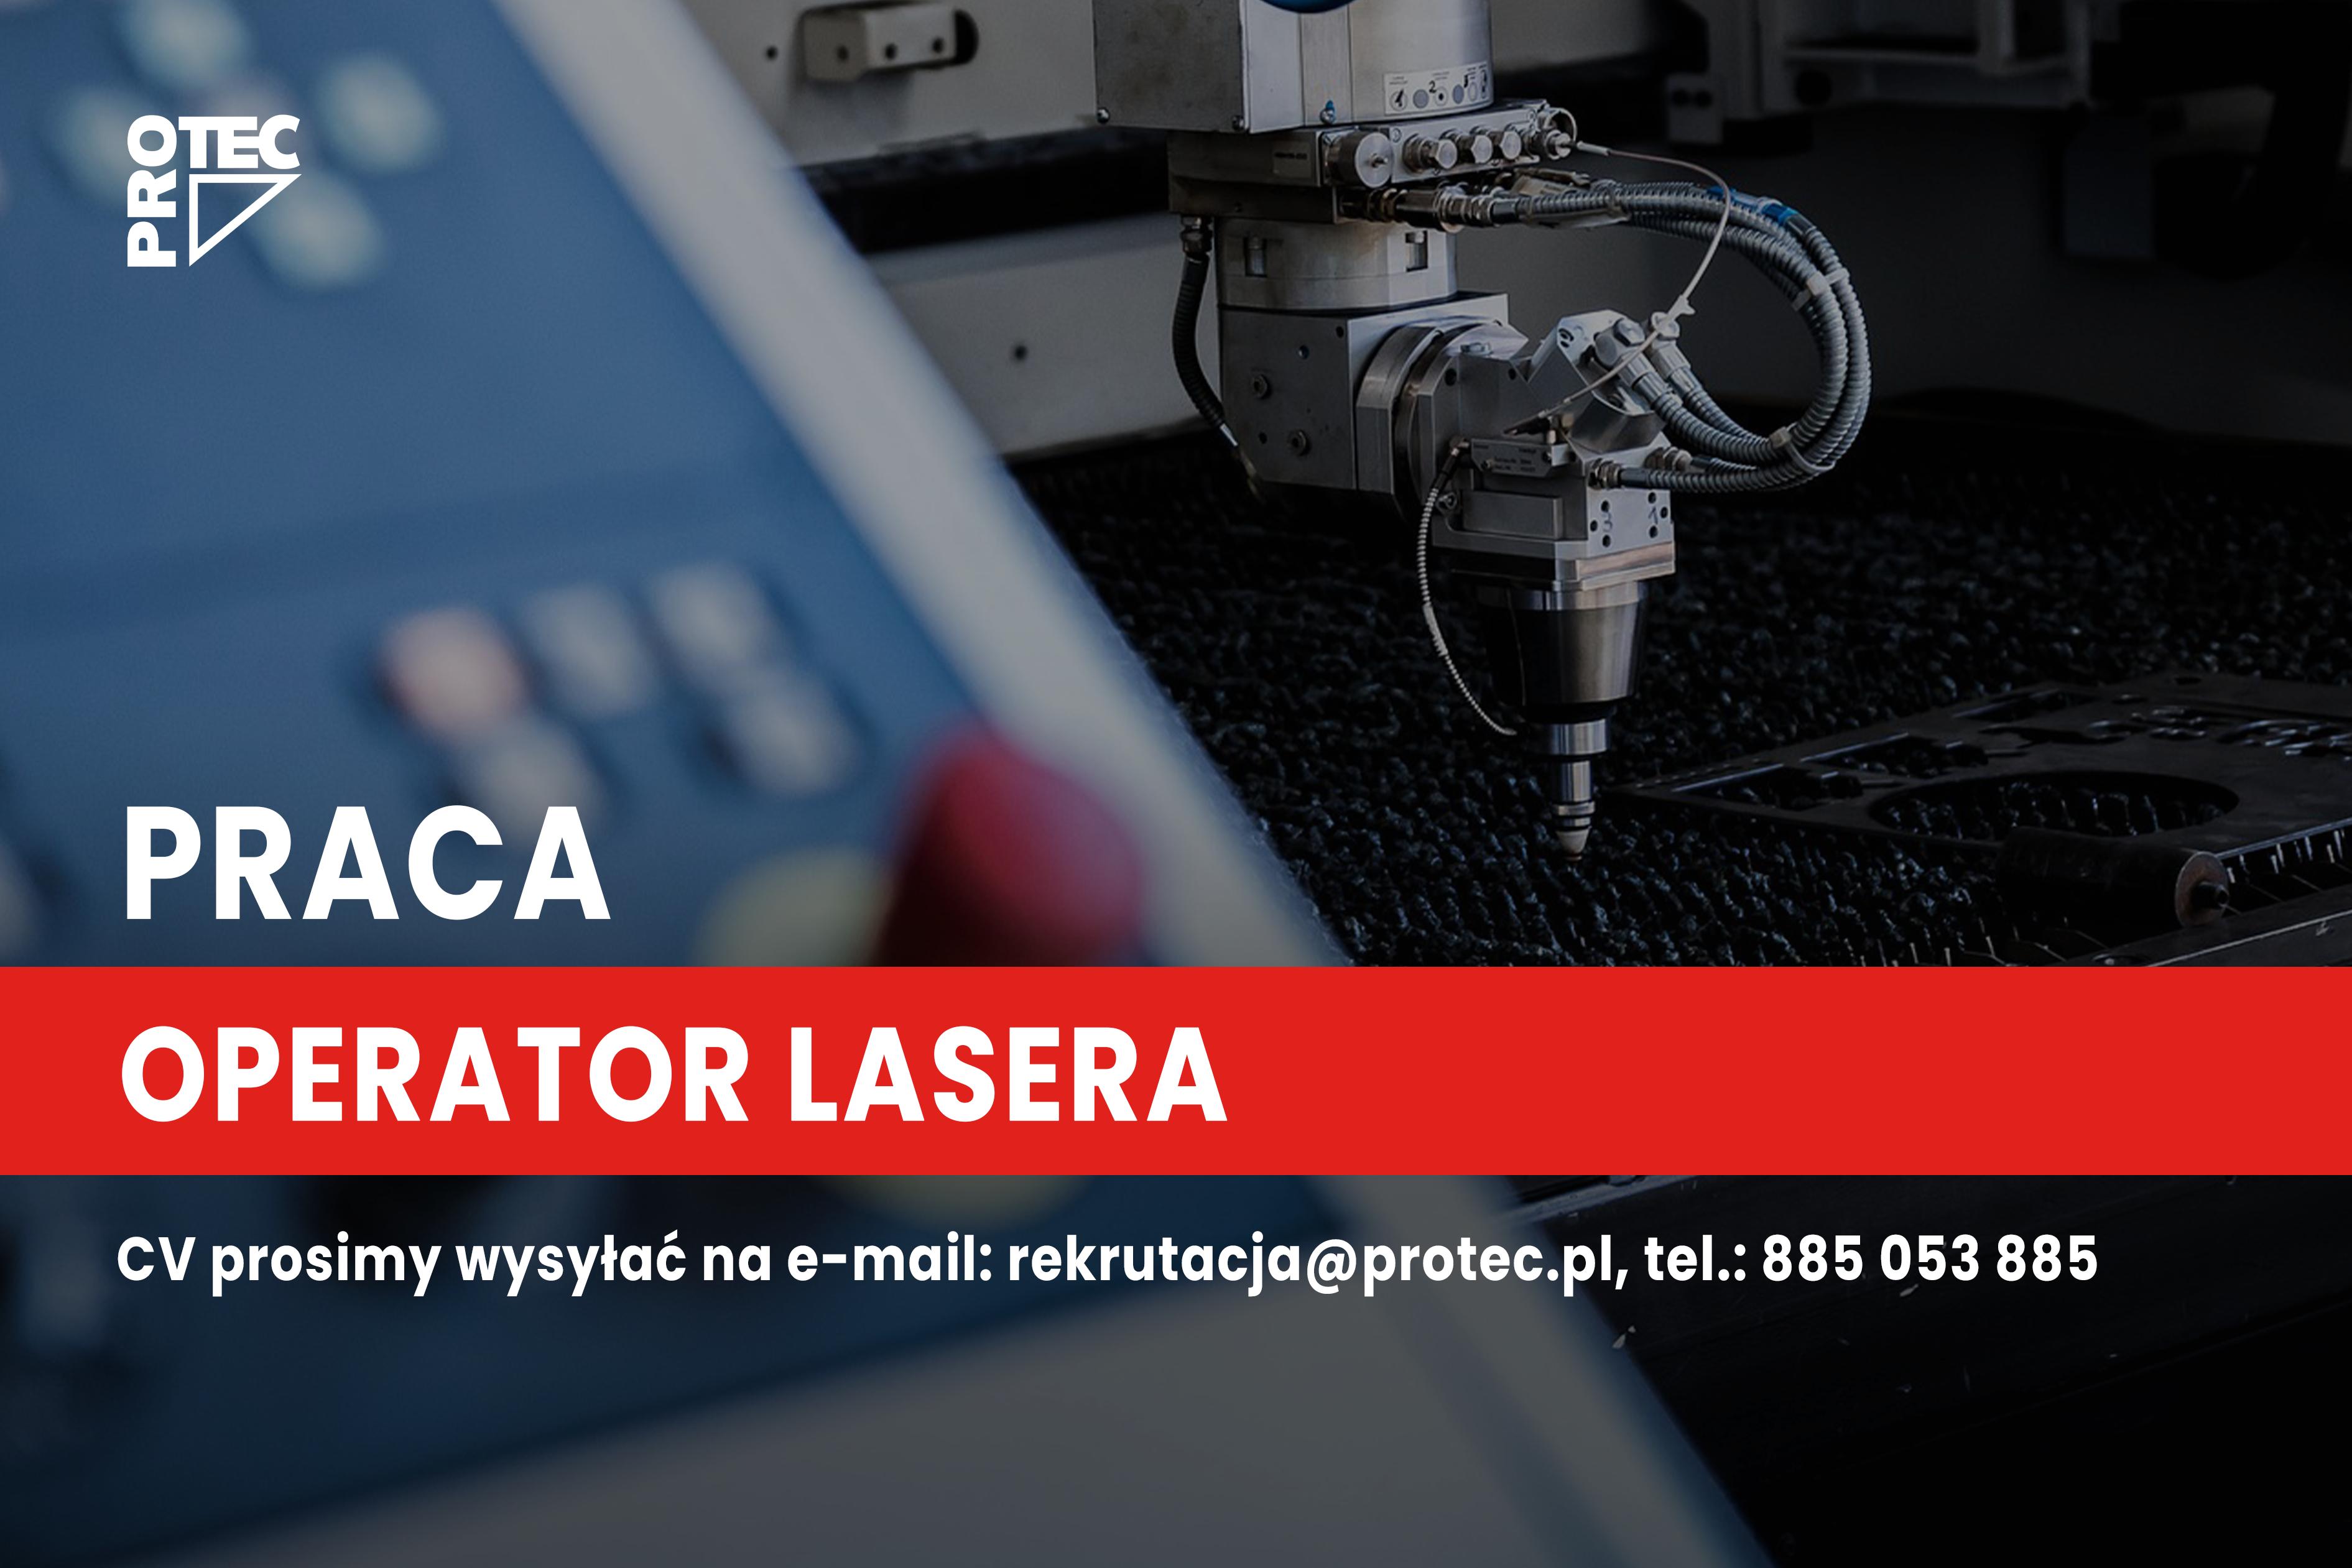 Operator lasera